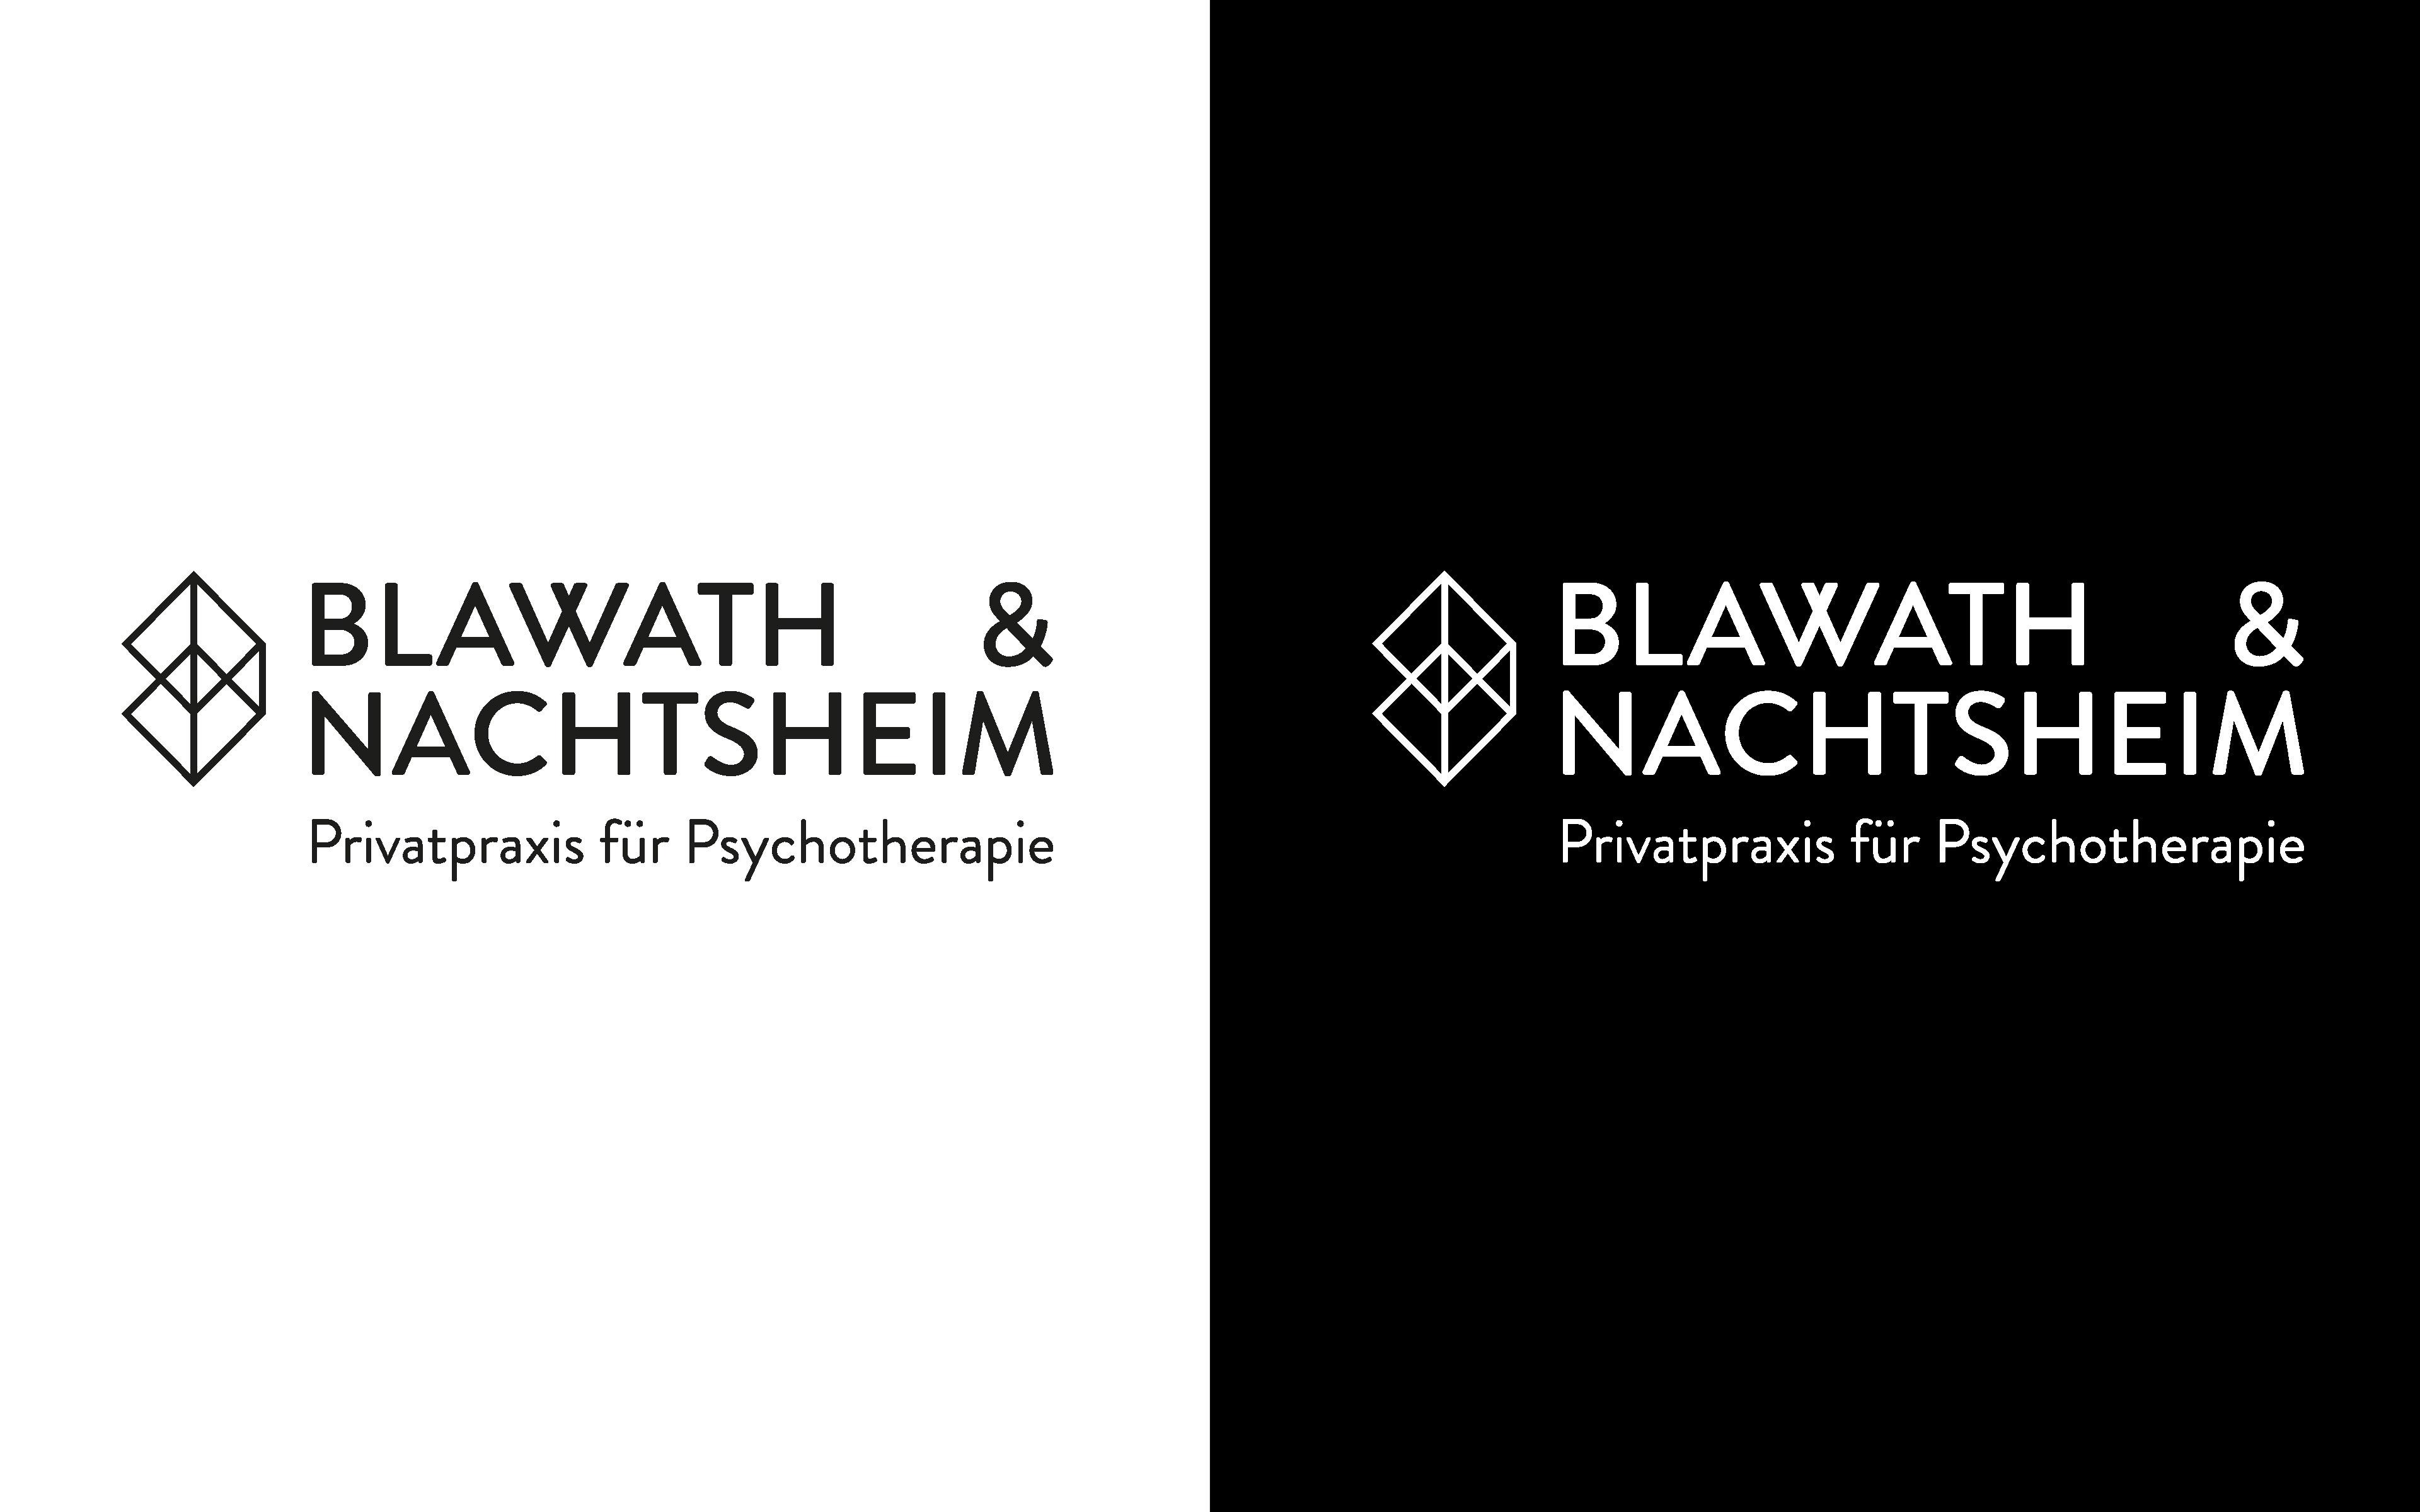 Blawath & Nachtsheim Corporate Design, Logotype – positiv und negativ